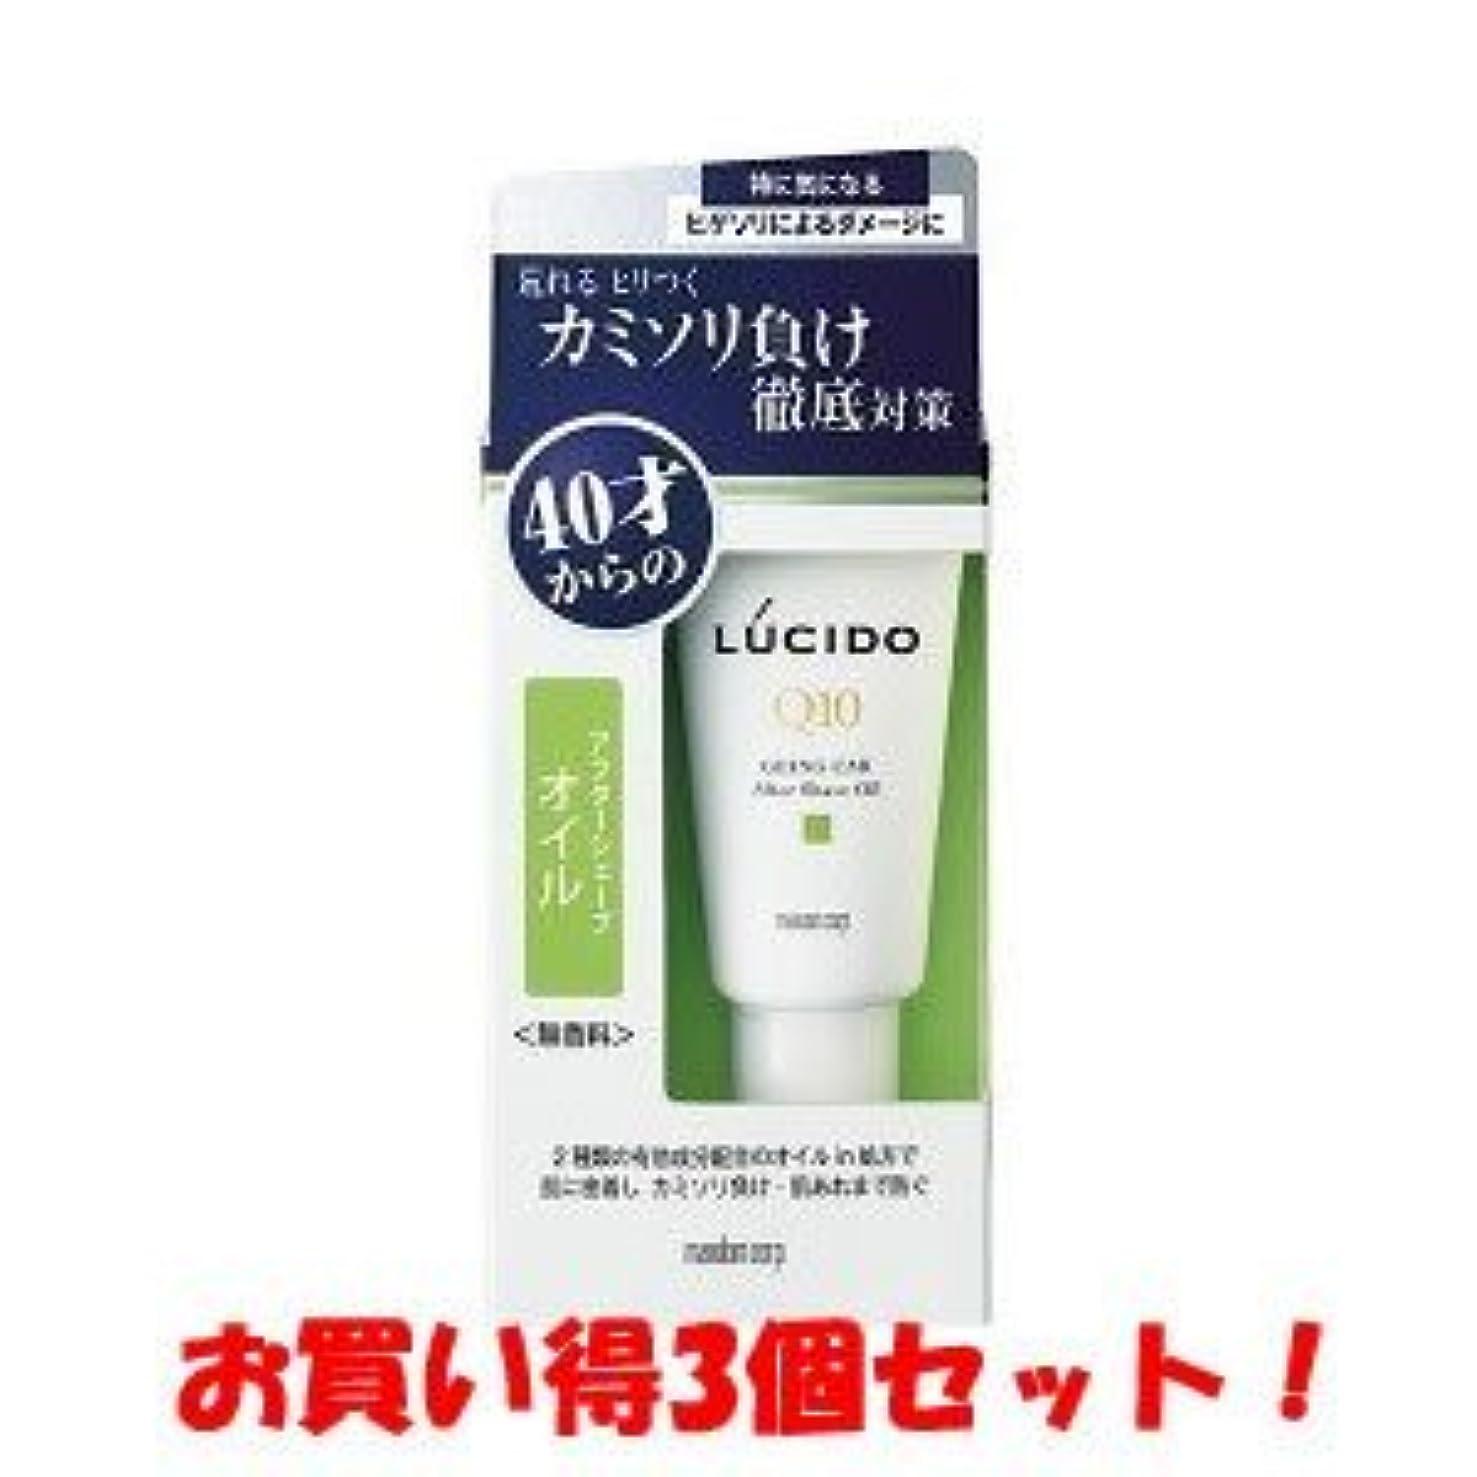 (2017年の新商品)(マンダム)ルシード 薬用アフターシェーブオイル 30g(医薬部外品)(お買い得3個セット)